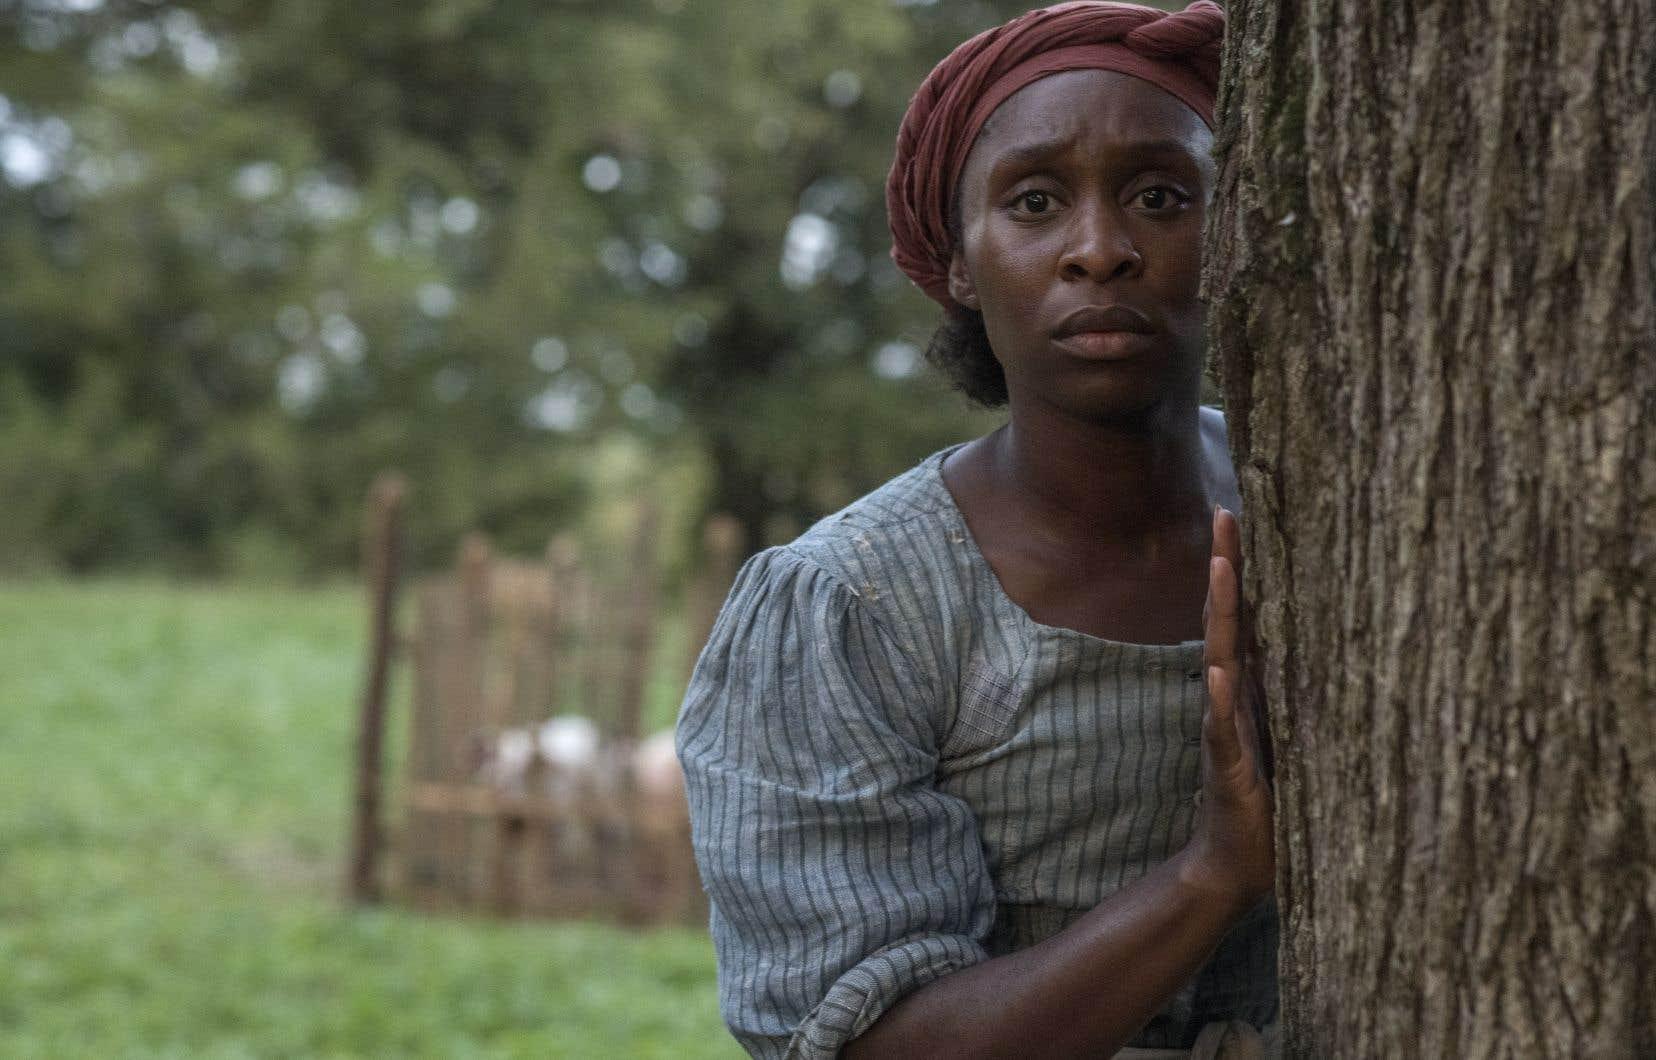 C'est la prestation de Cynthia Erivo, dans le rôle central, qui fait de Harriet un titre digne de mention.